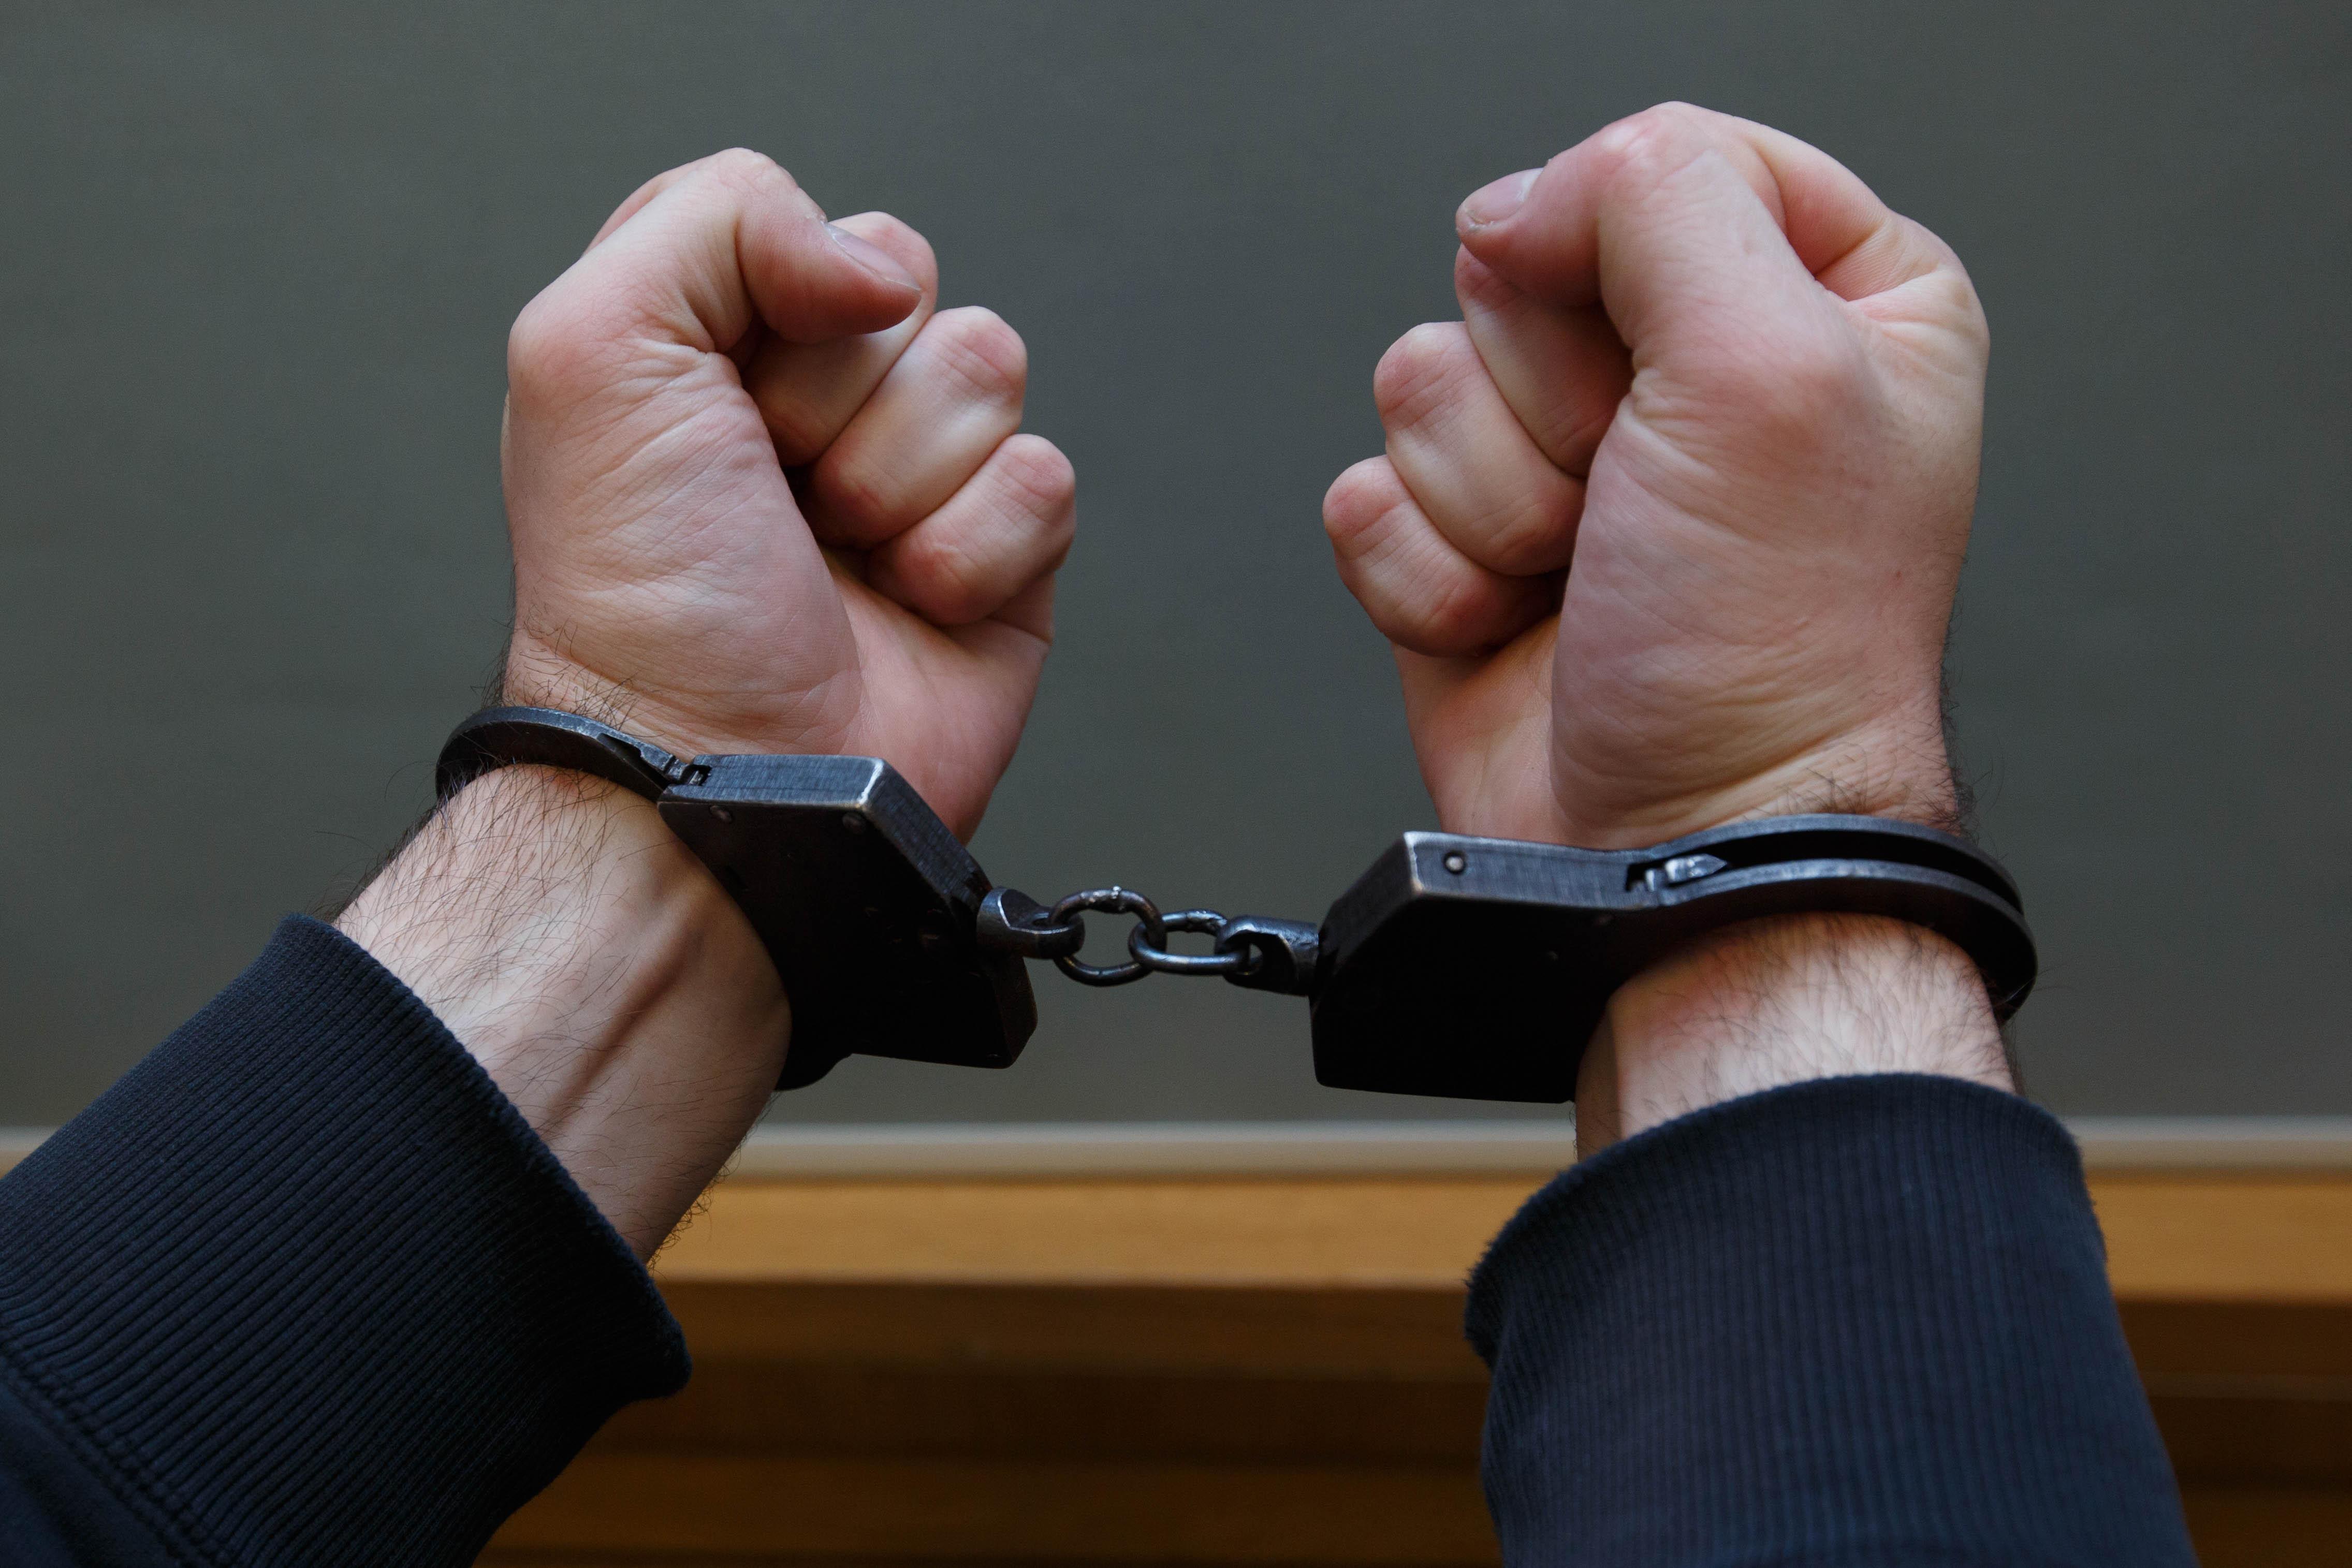 ВКрасносельском районе задержали педофила, изнасиловавшего пятиклассника